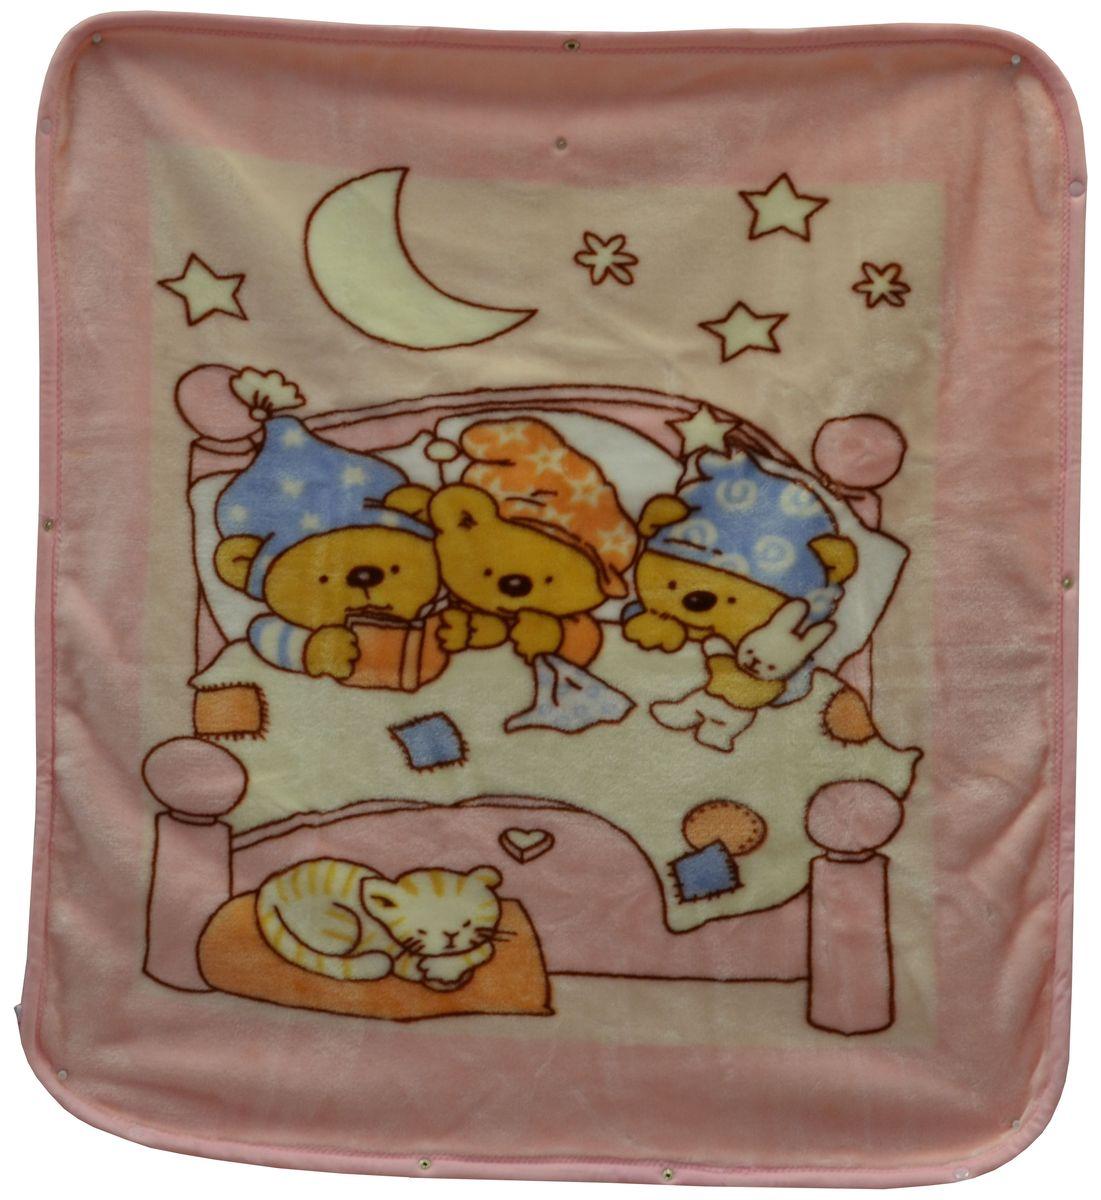 Bonne Fee Плед-накидка для младенцев на молнии 4, 80 х 90 см, цвет: розовыйS03301004Плед-накидка для младенцев на молнии Bonne Fee - защита, тепло и комфорт для малышей - использован надёжный, качественный и мягкий материал! Удобство и спокойствие для родителей обеспечивается универсальностью пледа-накидки, конструкция которого позволяет ему легко превращаться в конвертик. Отличное качество и практичность! Любите своего ребёнка и дарите ему лучшее!